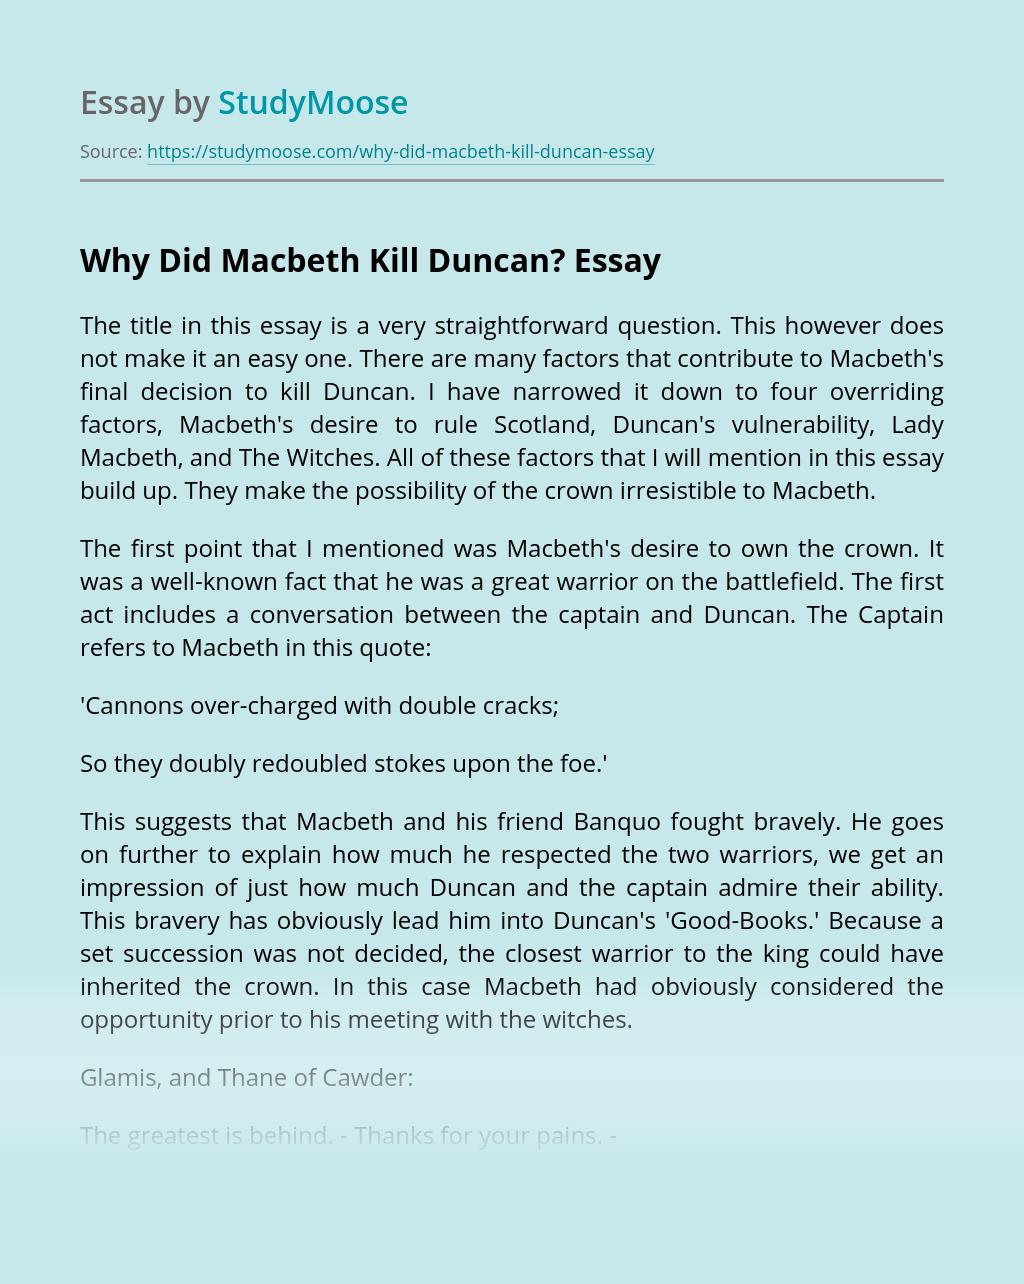 Why Did Macbeth Kill Duncan?